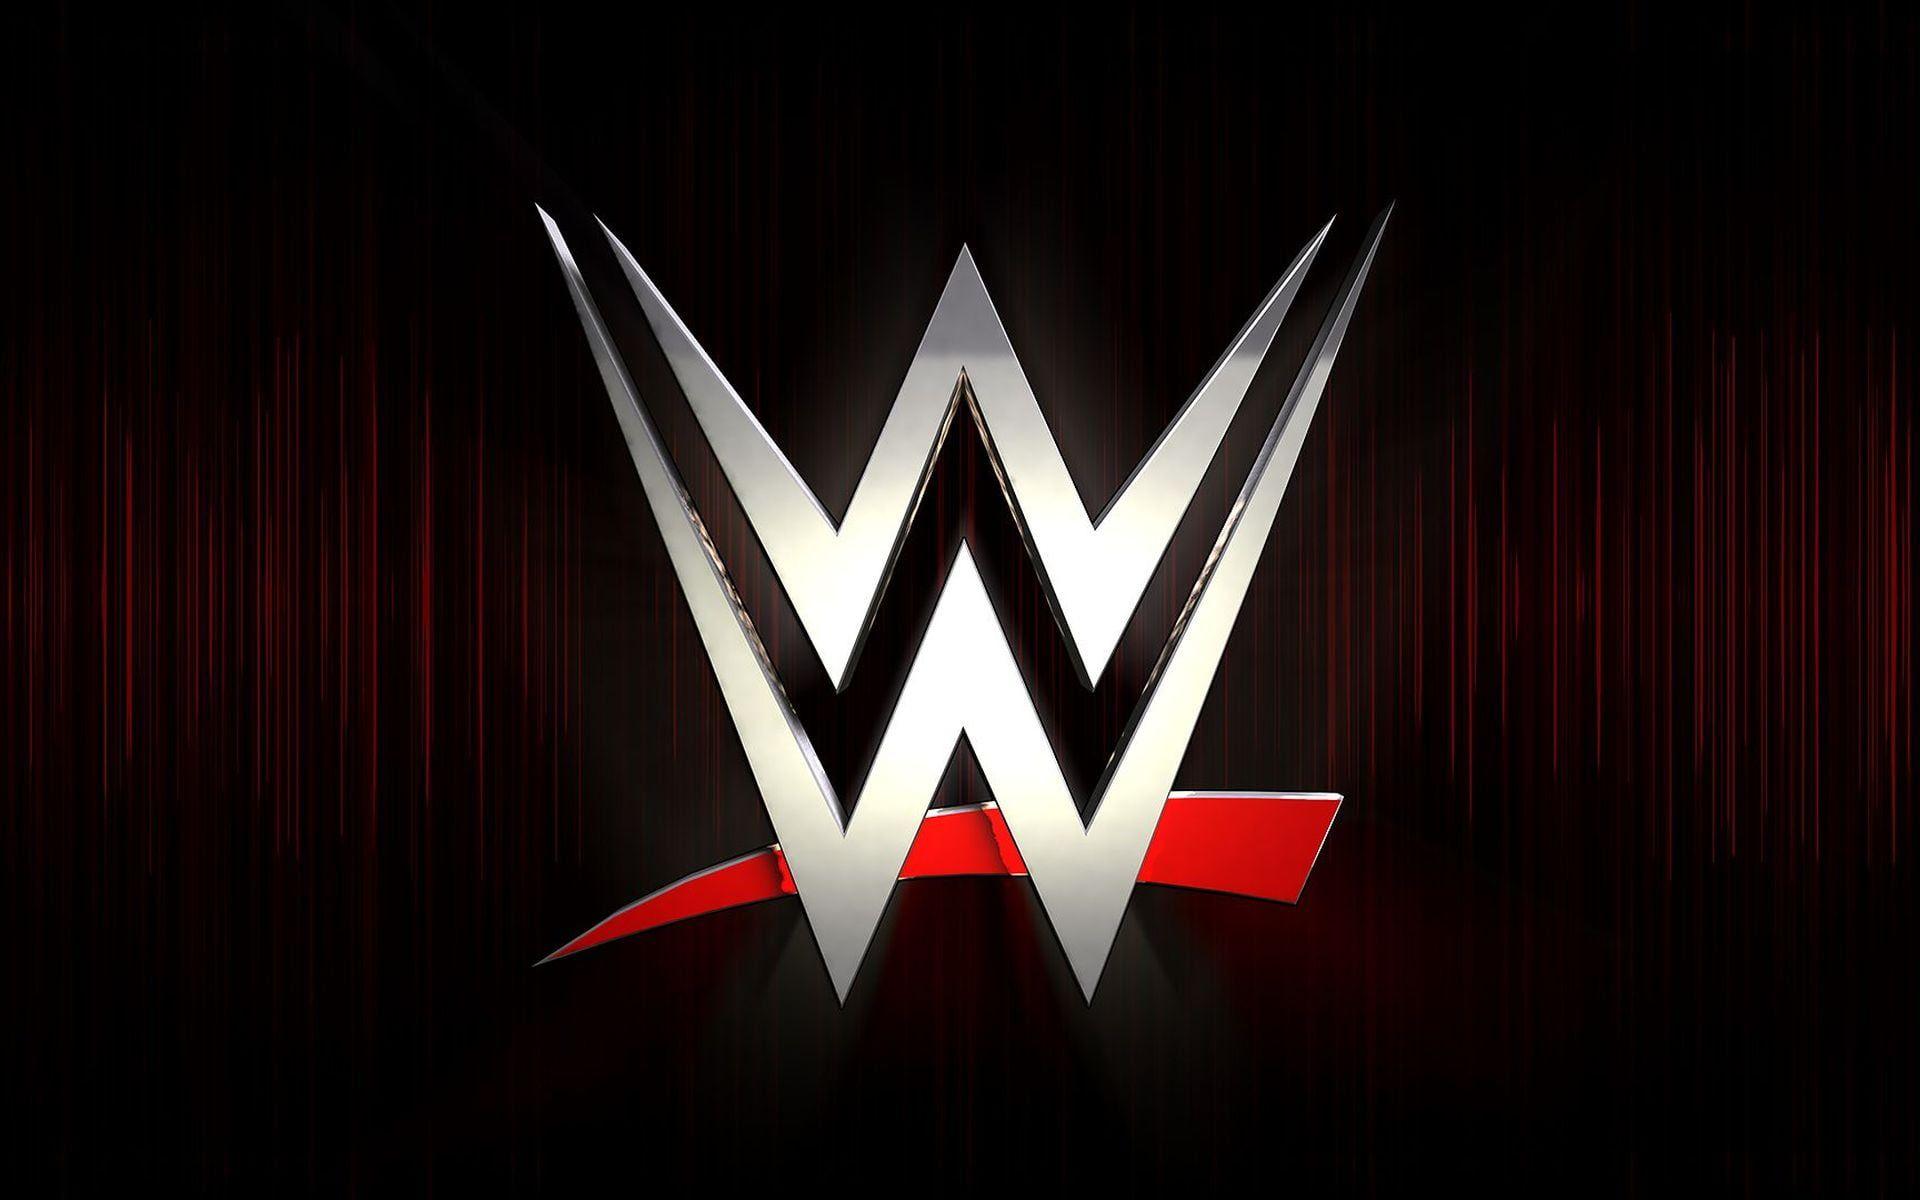 WWE Raw Logo Wallpaper wallpapers 2020 Check more at